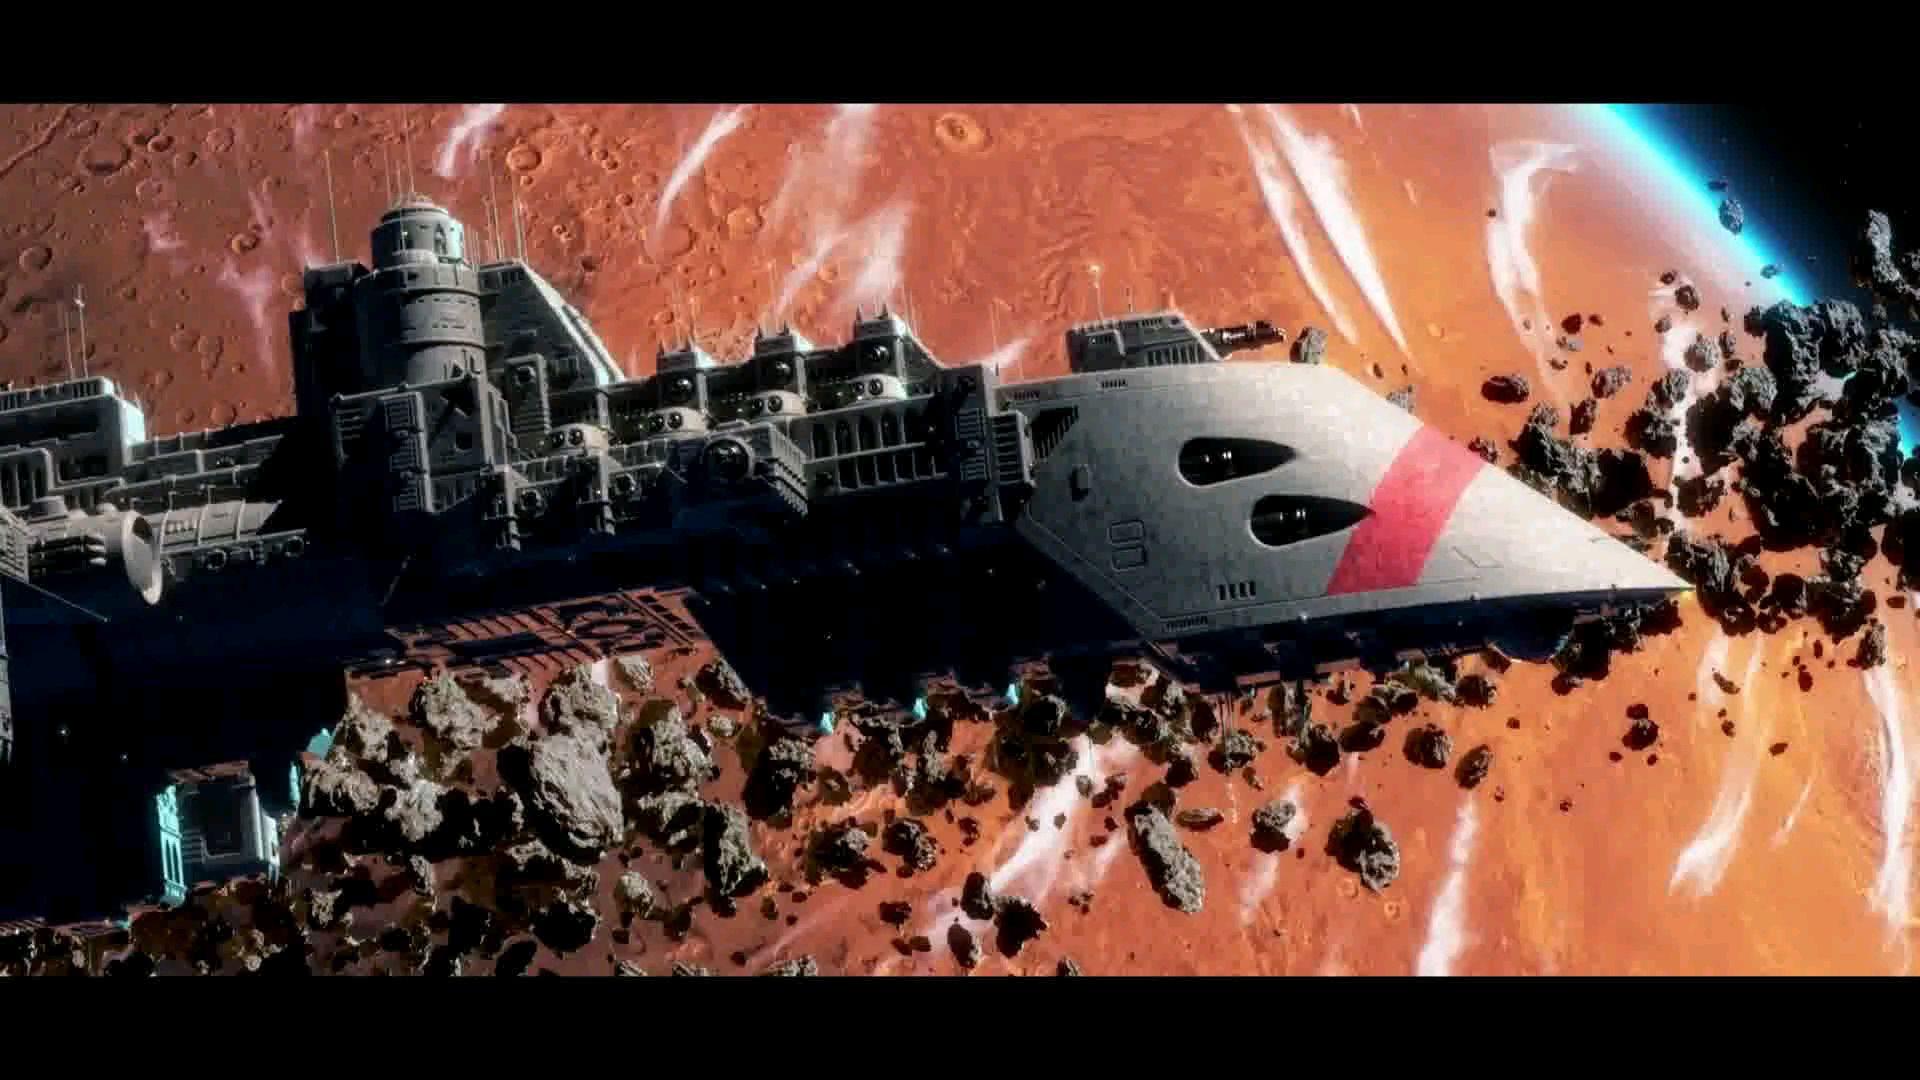 【战锤40K】同人动画 Astartes1-4集连续版合集(无分 P)阿斯塔特1080P